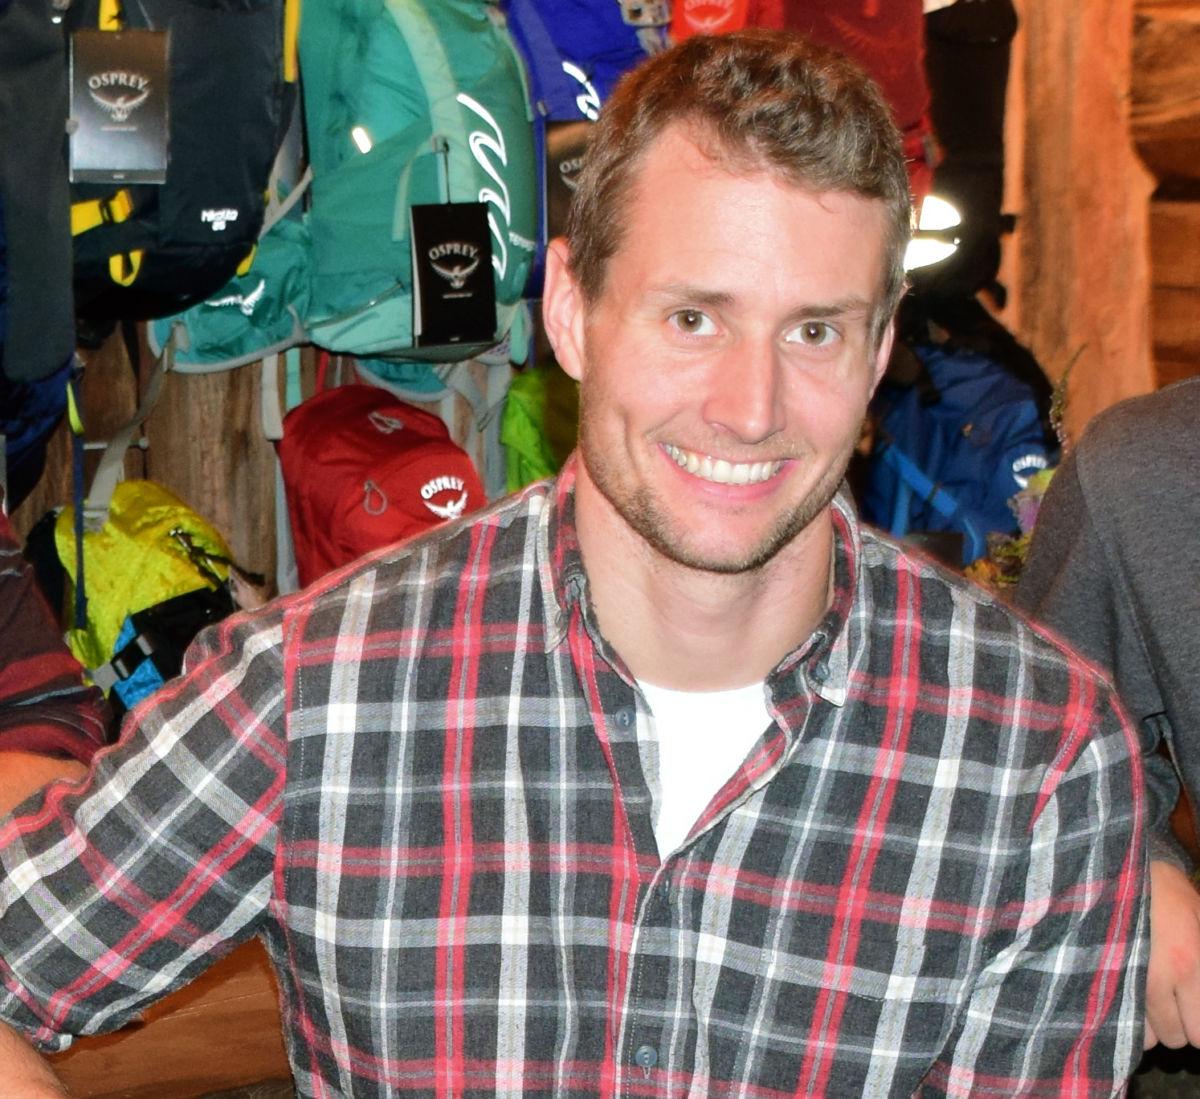 Nils-Erik Ulset vart nr 2 samanlagt i verdcupen for paraidrett denne sesongen.  Arkivfoto: Jon Olav Ørsal